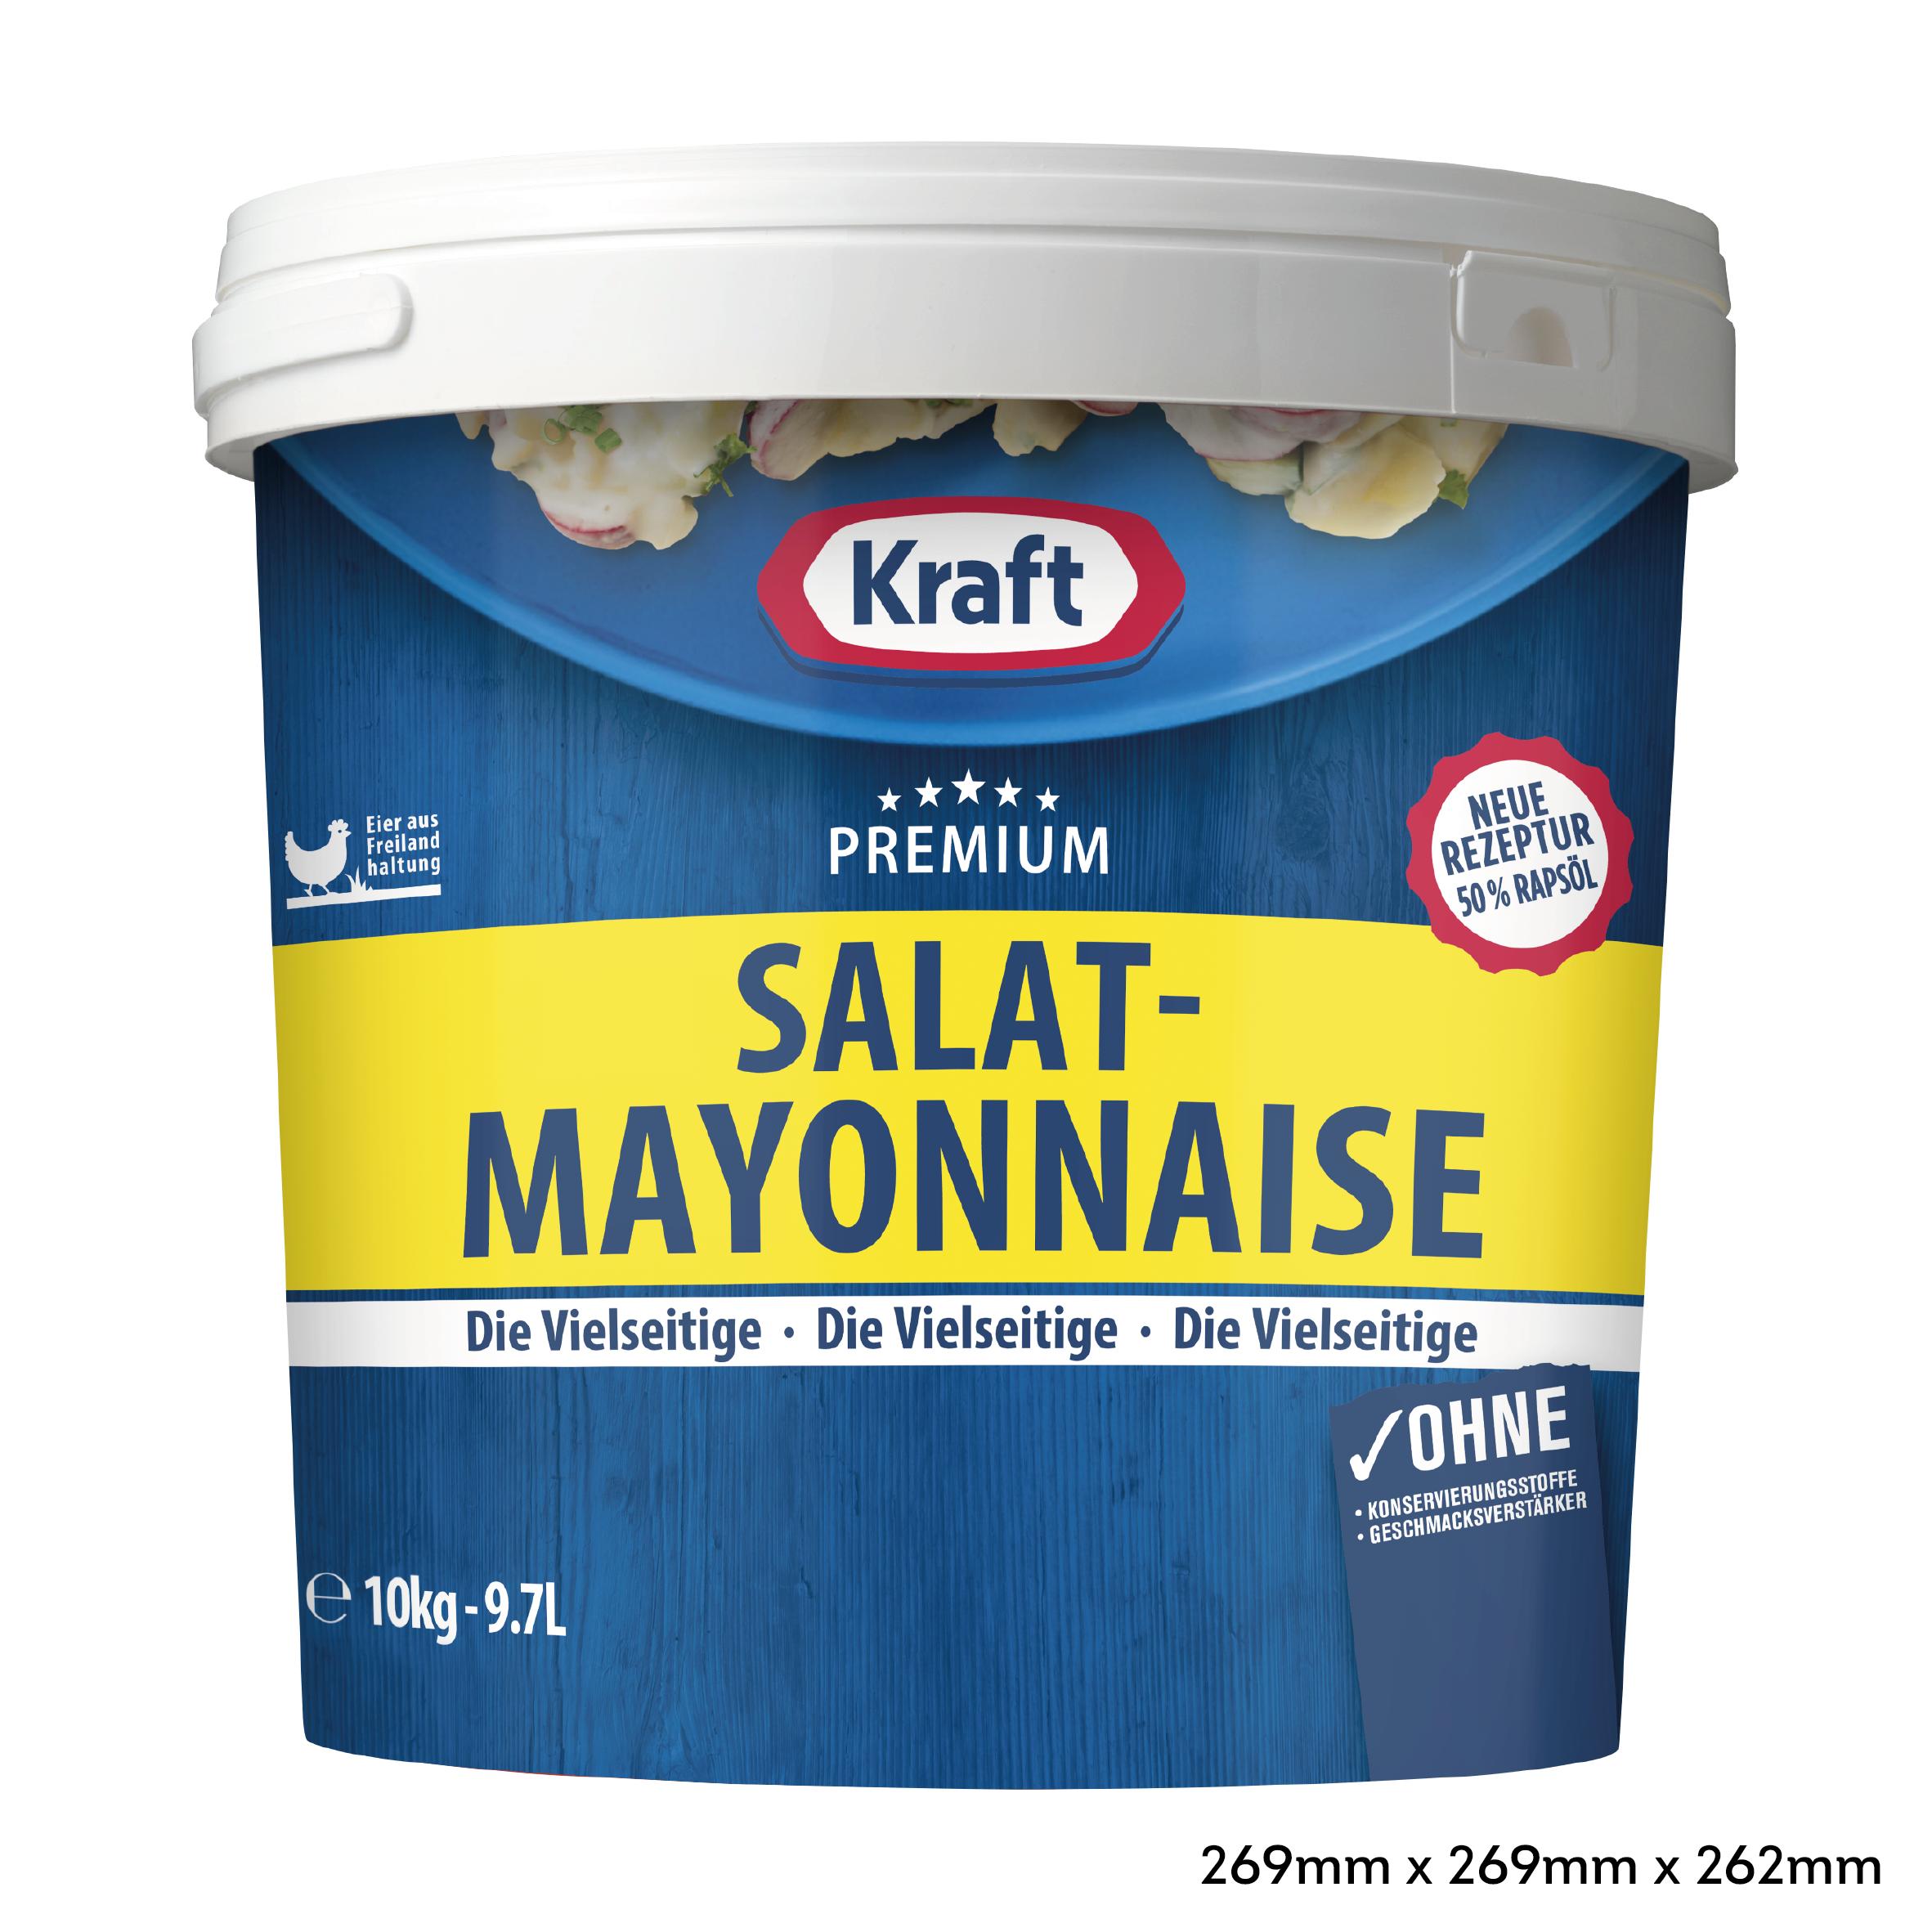 Kraft Salat Mayonnaise 10kg